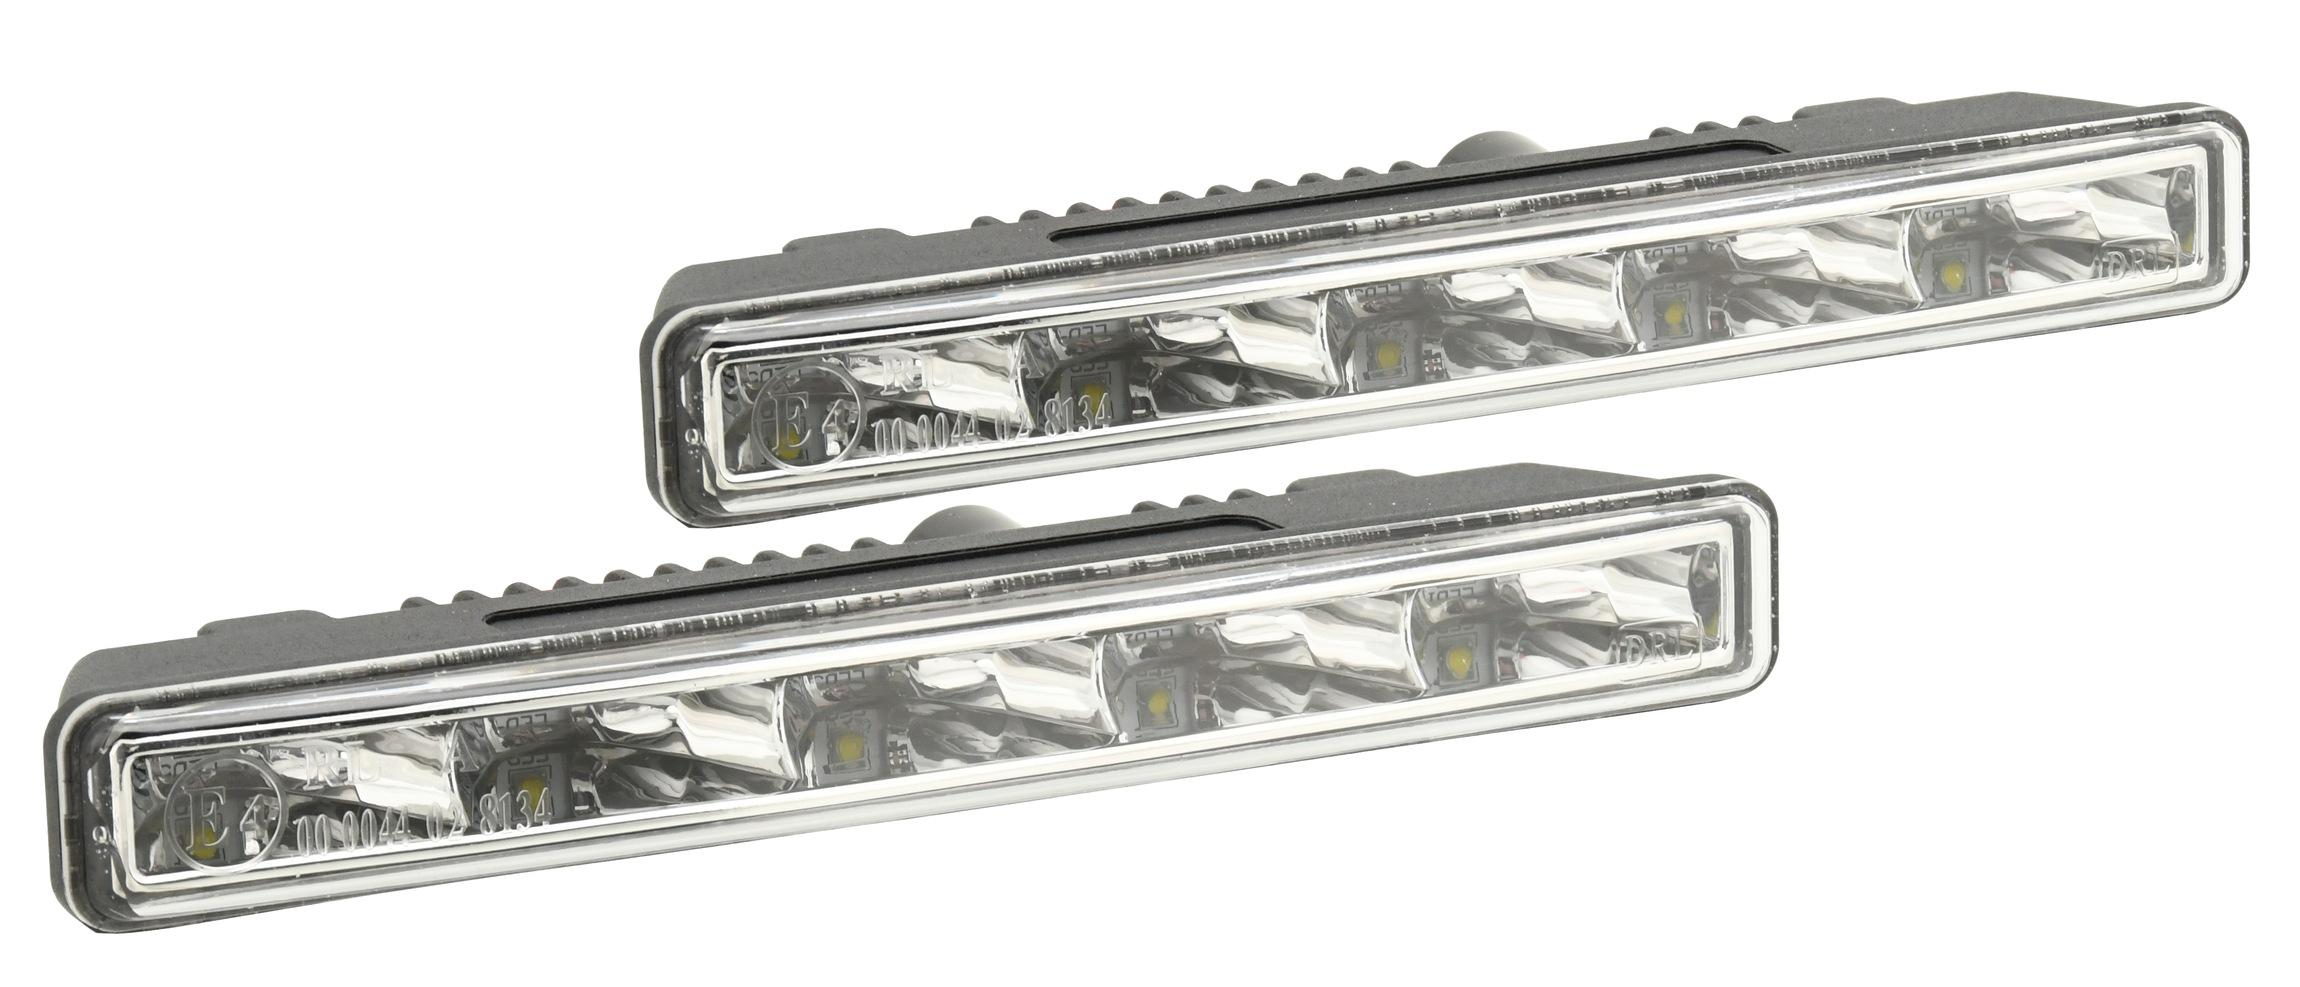 Světla denního svícení 5 HIGH POWER LED 12/24V (182x23x51mm)   33550